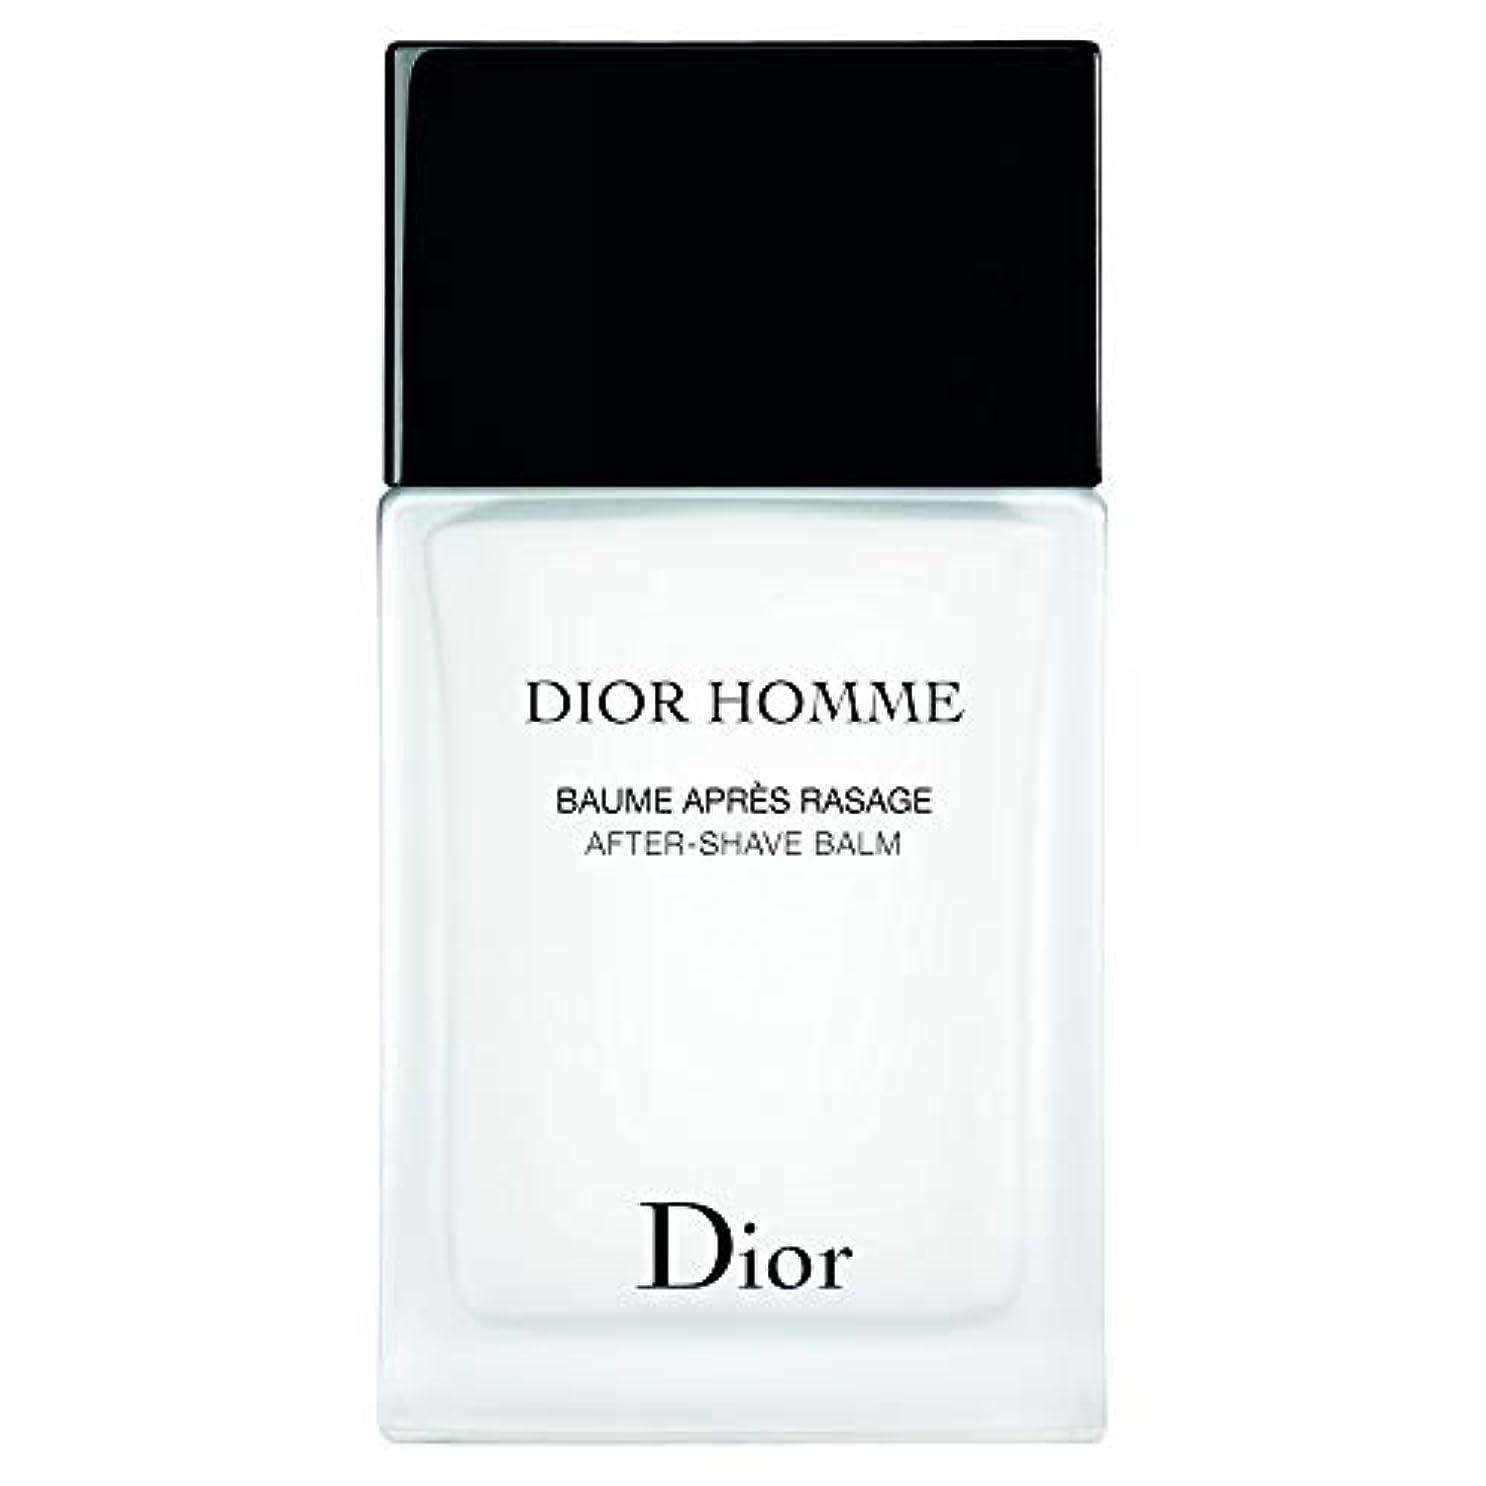 補助殺人志す[Dior] ディオールオムアフターシェーブバーム100ミリリットル - Dior Homme After-Shave Balm 100ml [並行輸入品]